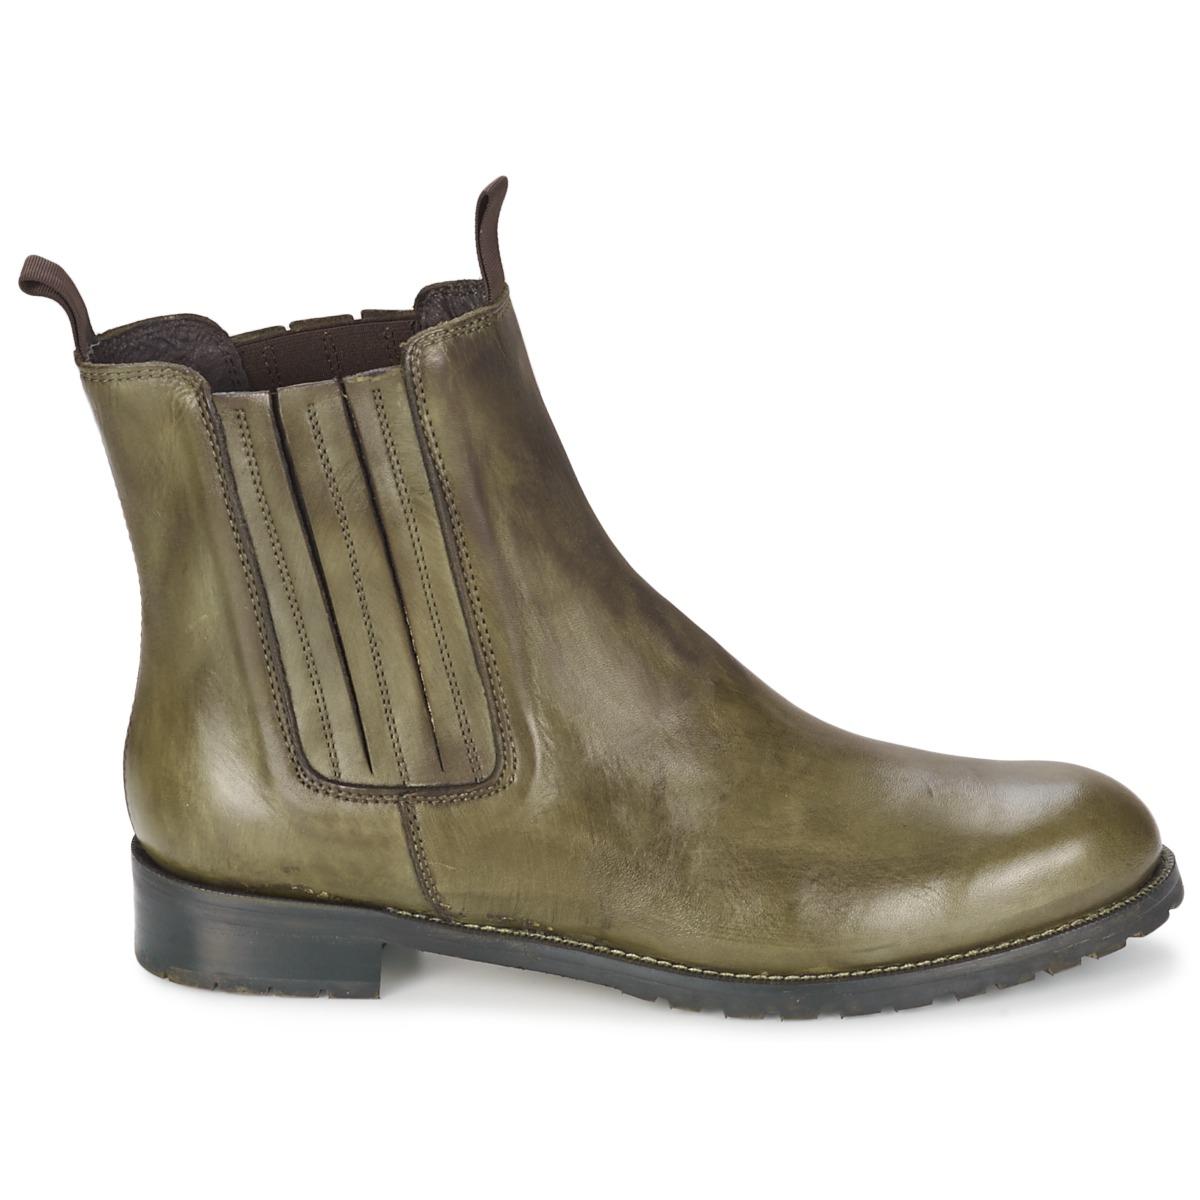 Liebeskind Liebeskind Boots Caserta Liebeskind Boots Boots Caserta Caserta Liebeskind Boots Caserta Boots Caserta Liebeskind OZluTPiwkX